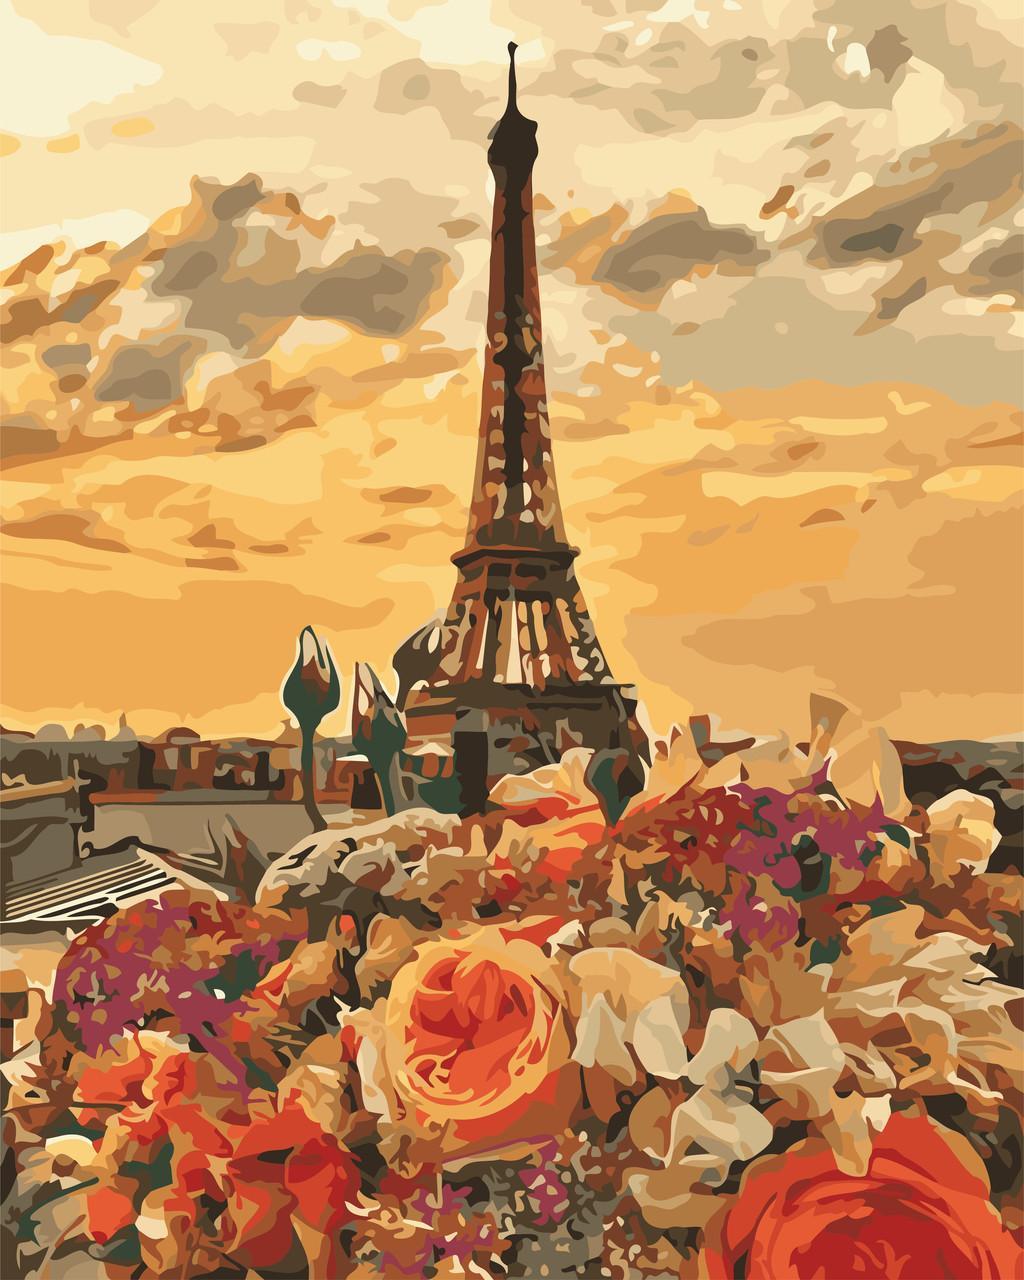 Картина рисование по номерам ArtStory Вечірній Париж 40х50см AS0659 набор для росписи, краски, кисти, холст